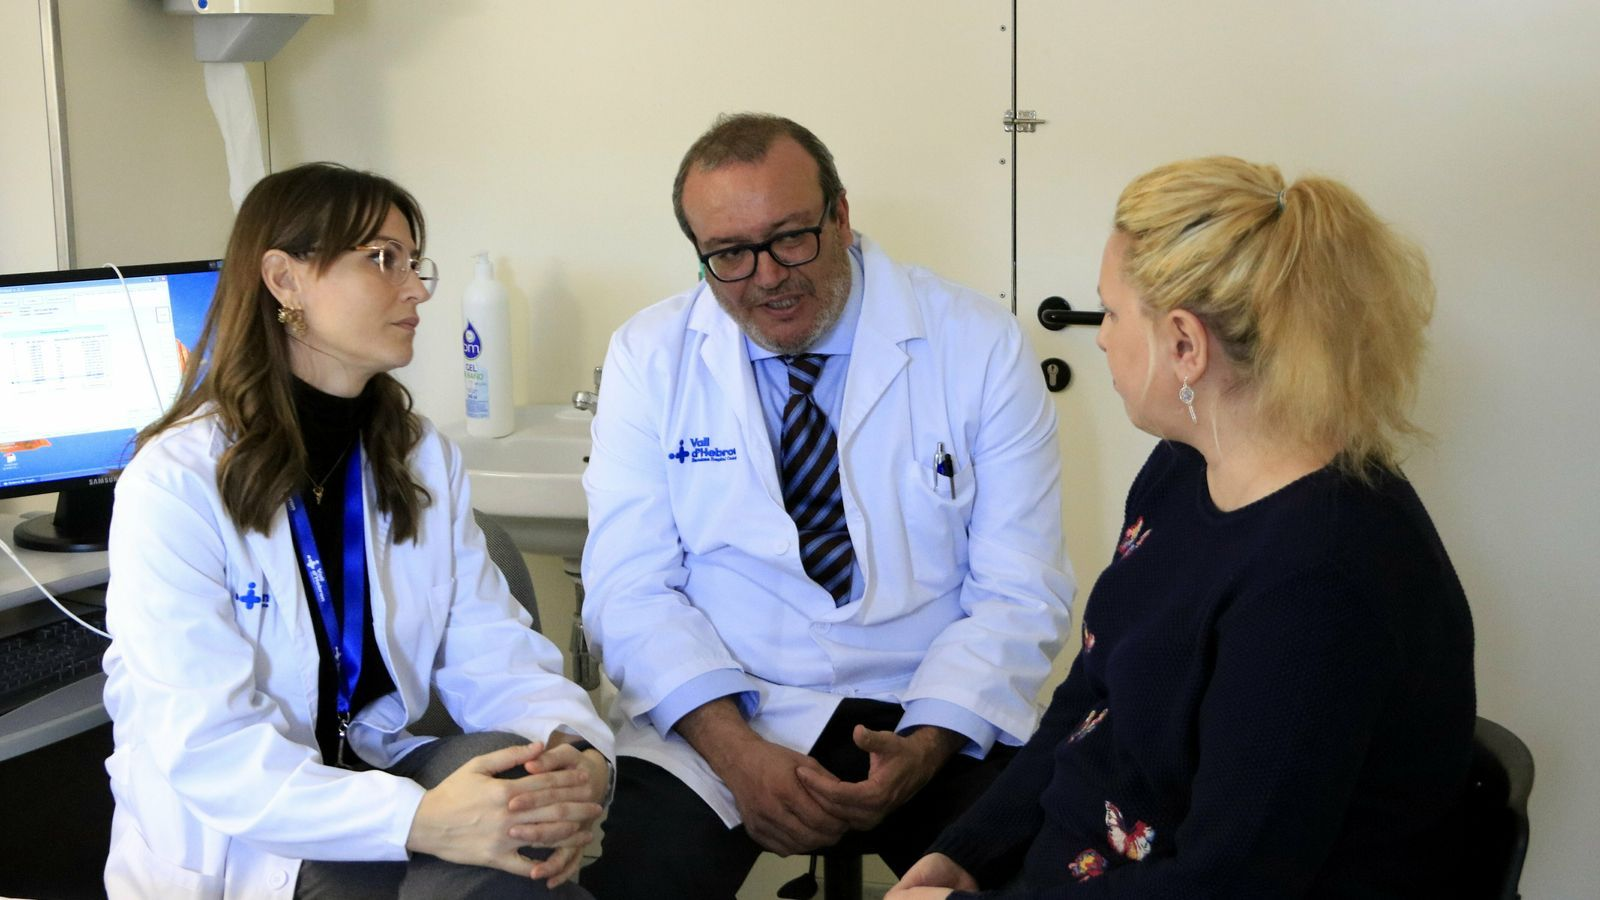 El doctor Javier Santos, de la unitat de gastroenterologia de la Vall d'Hebron i investigador del VHIR, amb una pacient que pateix còlon irritable a la consulta.